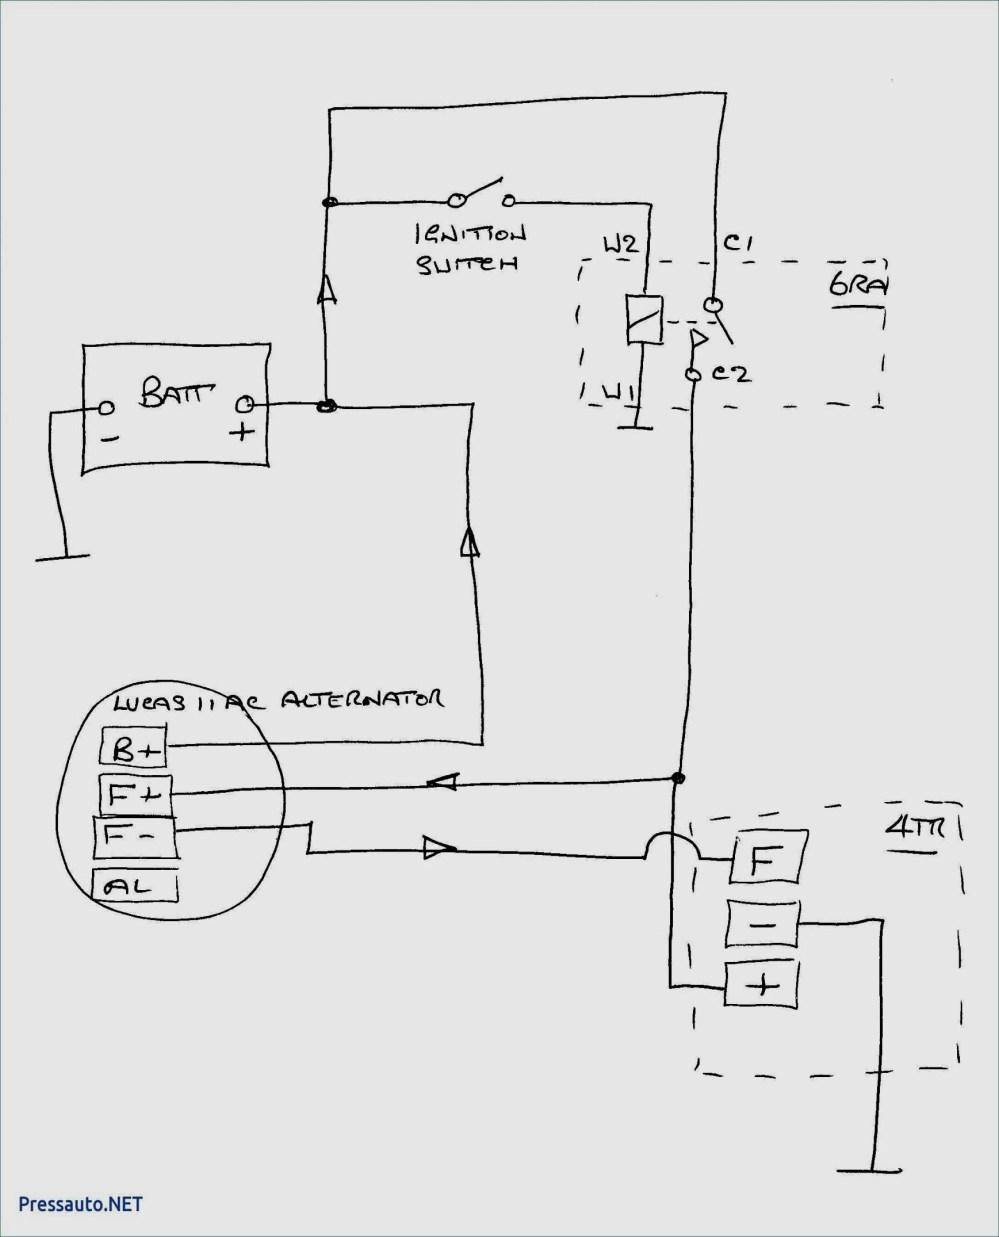 medium resolution of delco cs130d alternator wiring diagram for wiring diagram cs130 alternator wiring diagram